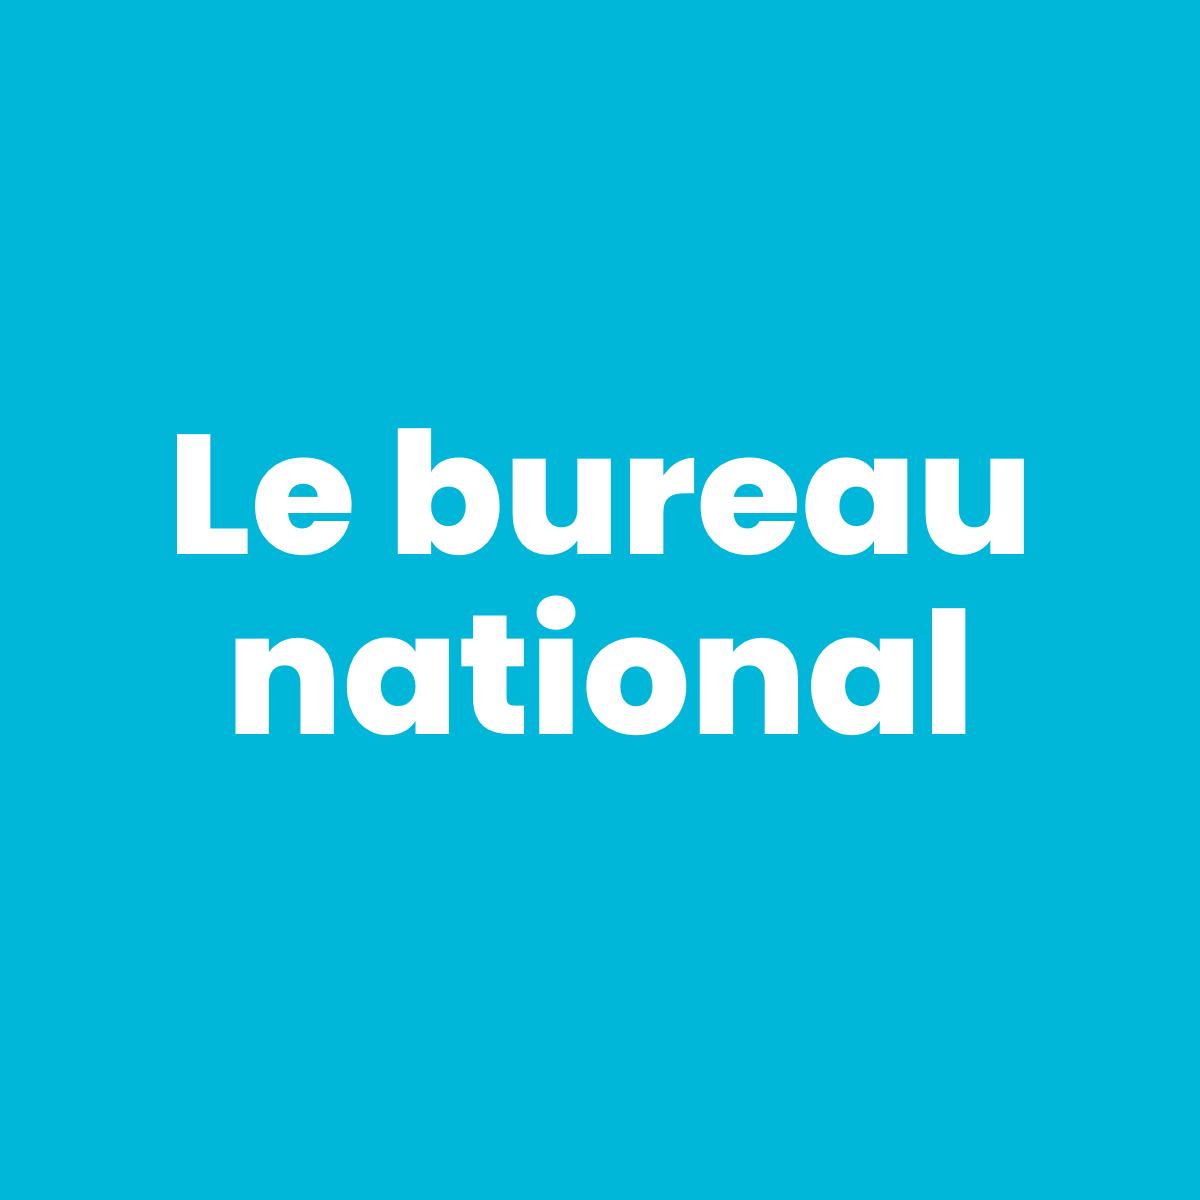 Le bureau national